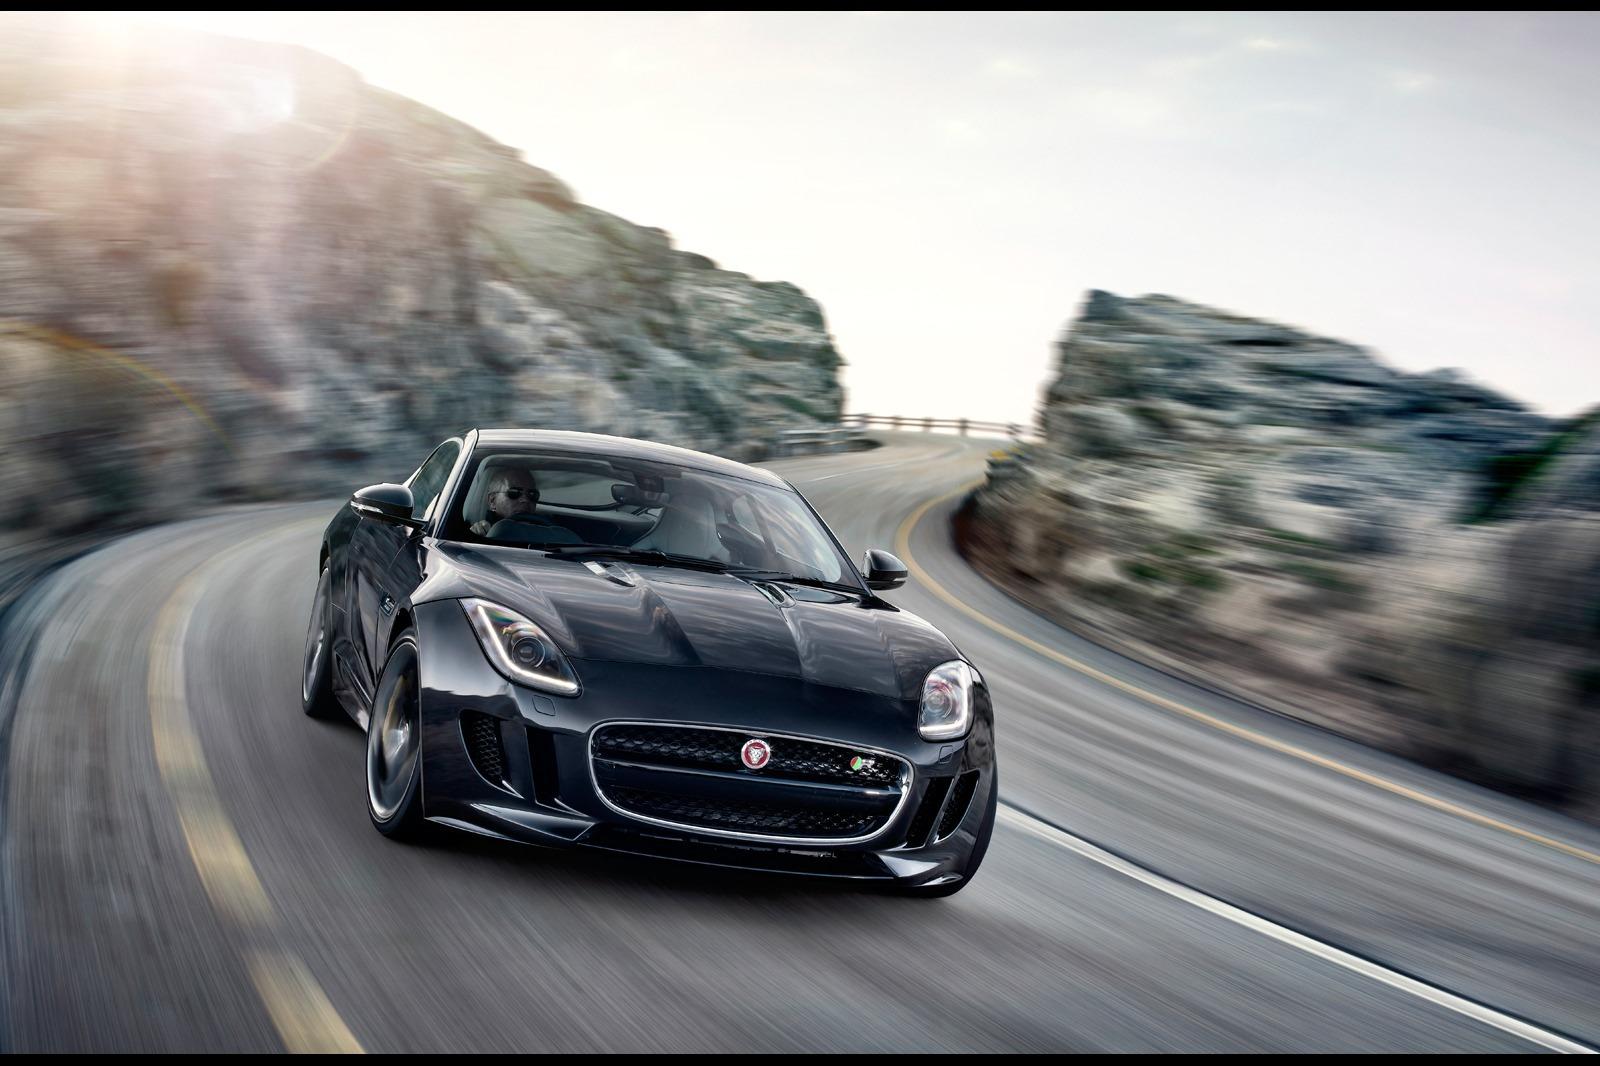 2012 - [Jaguar] F-Type - Page 12 New-Jaguar-F-Type-Coupe-6%25255B2%25255D